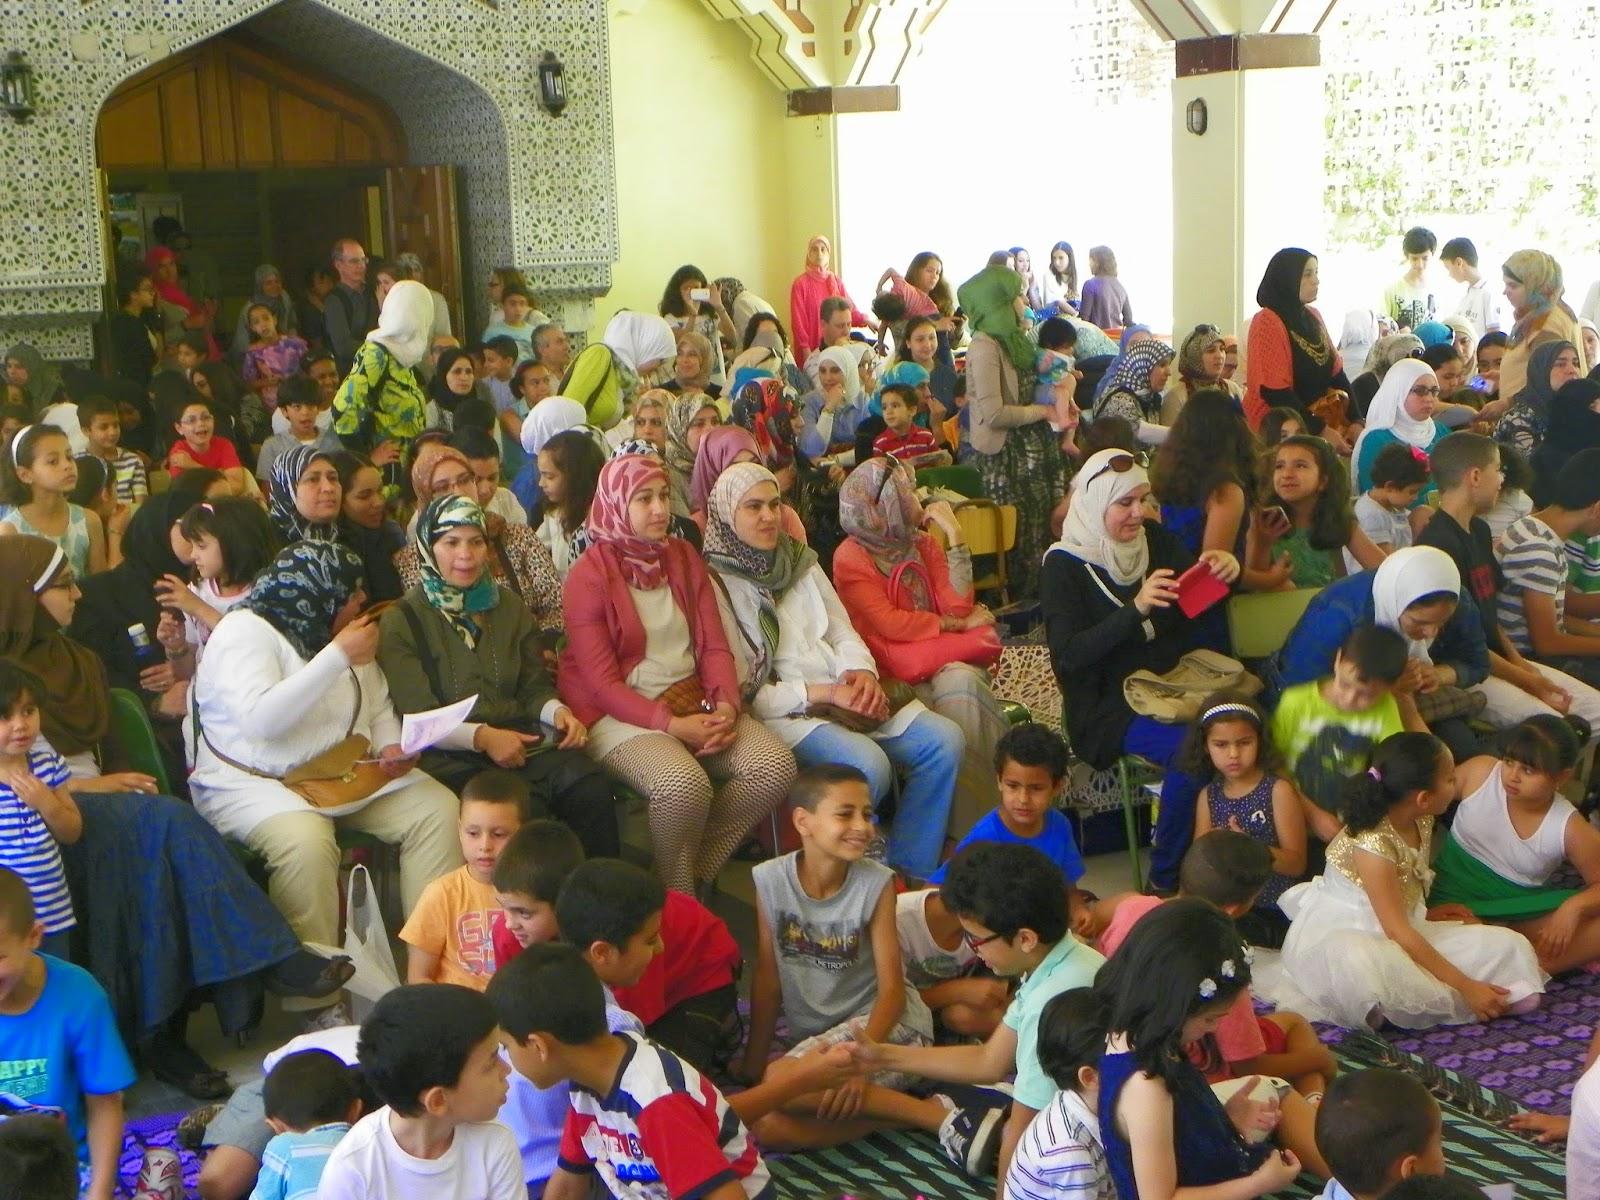 En El Patio De La Mezquita Central De Madrid En El Barrio Madrileno De Tetuan El Sabado  De Junio De  Abarrotado De Ninos Acompanados Por Sus Padres